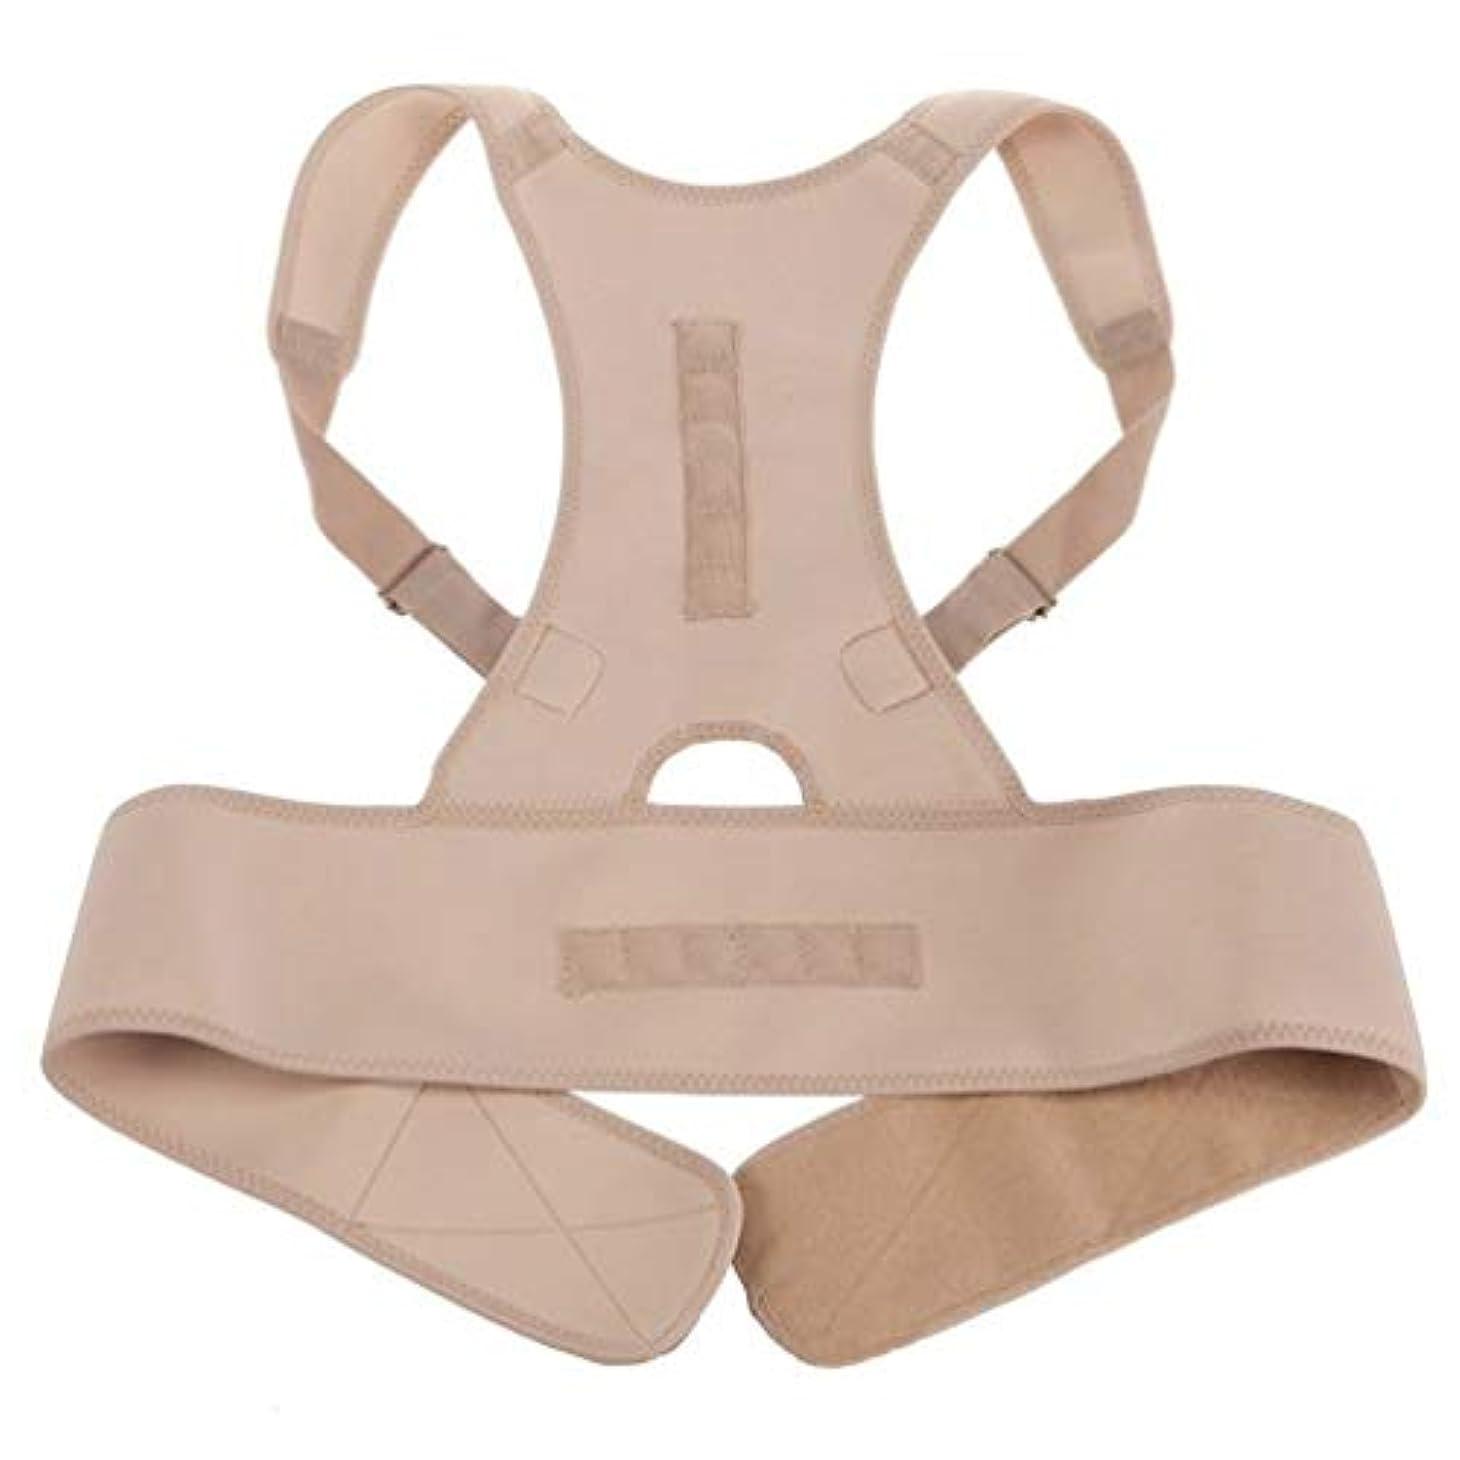 シーケンスどれでも永遠のネオプレン磁気姿勢補正機能バッドバックランバーショルダーサポート腰痛ブレースバンドベルトユニセックス快適な着用 - 肌の色L/XL